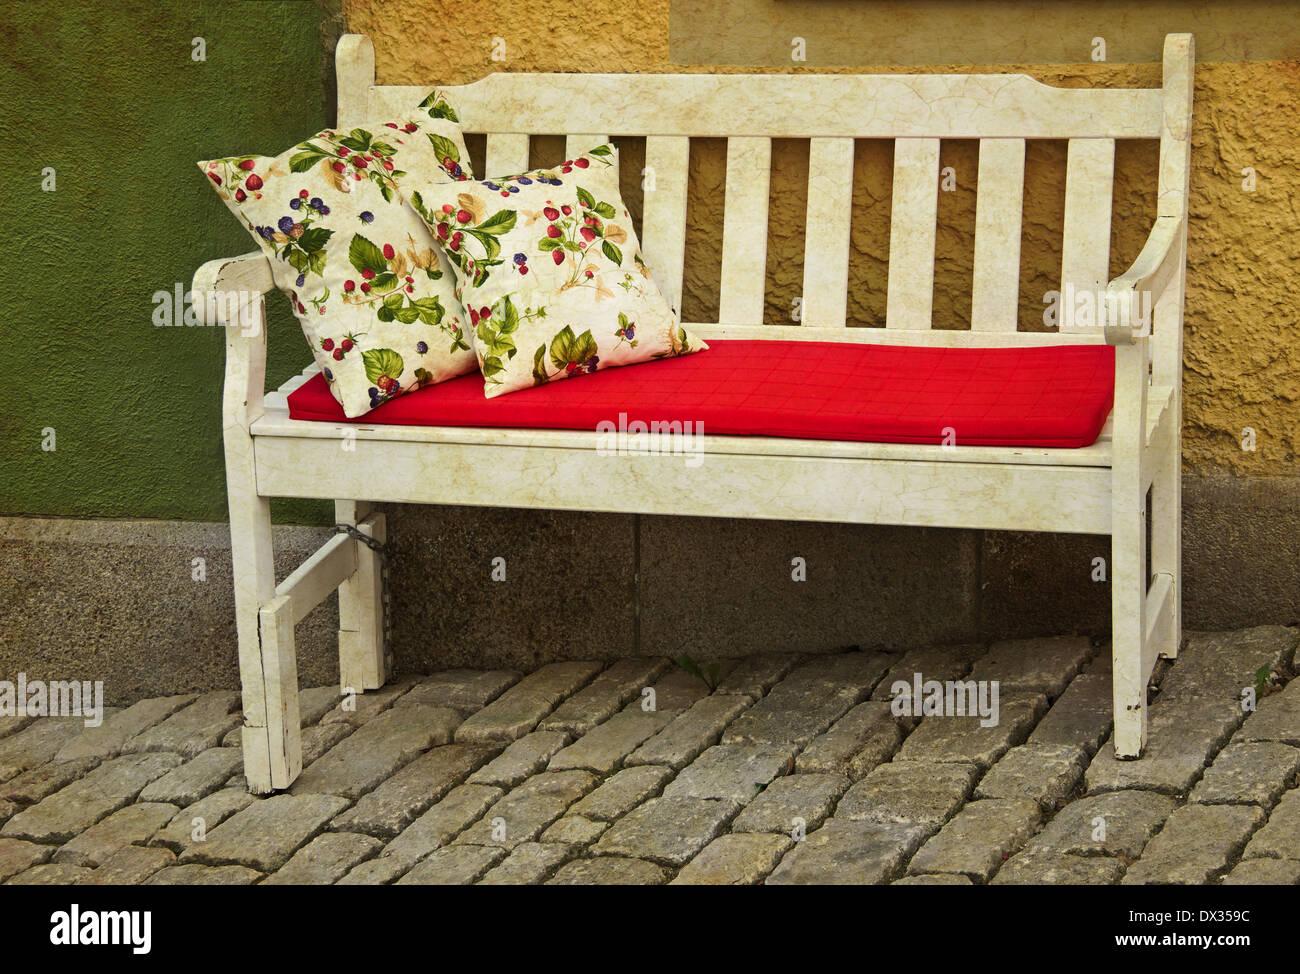 Cuscini Per Panca In Legno.Rustico Romantica Panca In Legno Con Cuscini Per Esterno